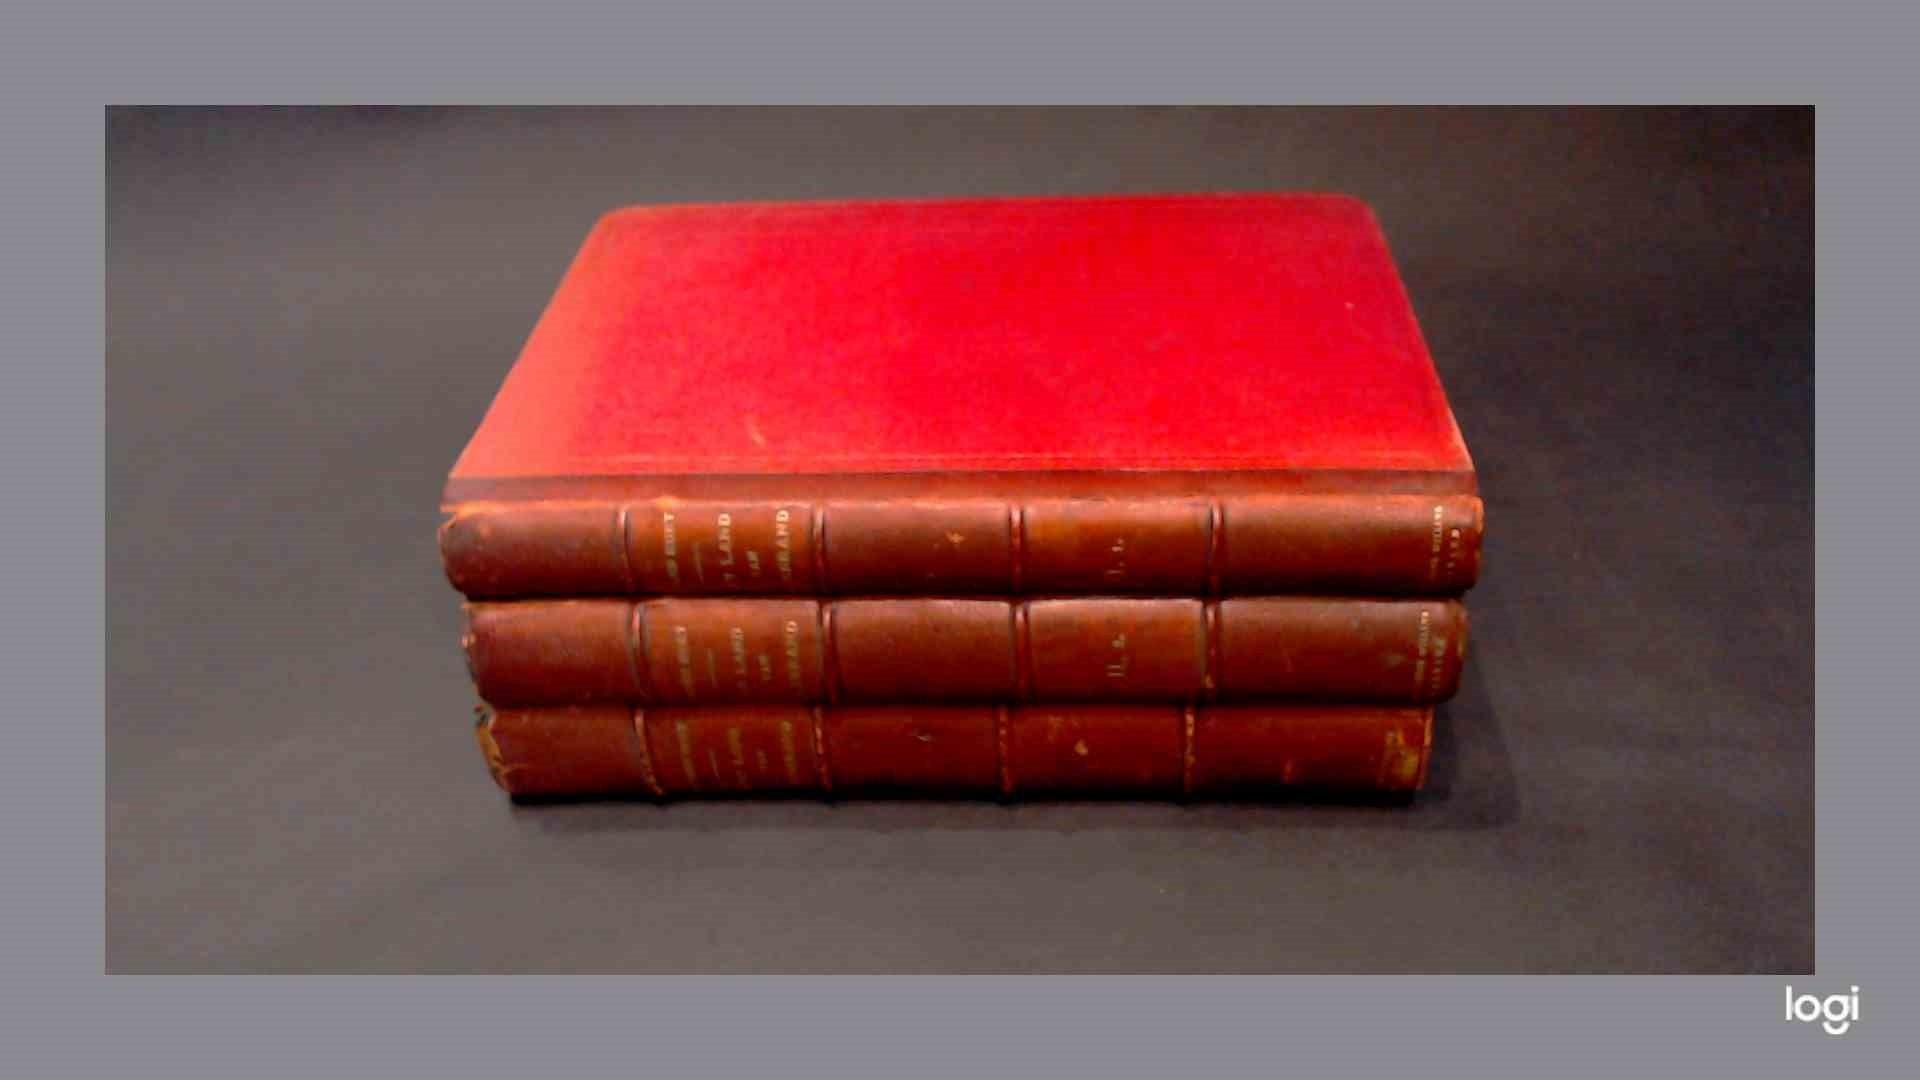 Busken Huet, cd. - Het land van Rembrand - Studien over de Noordnederlandsche beschaving in de zeventiende eeuw